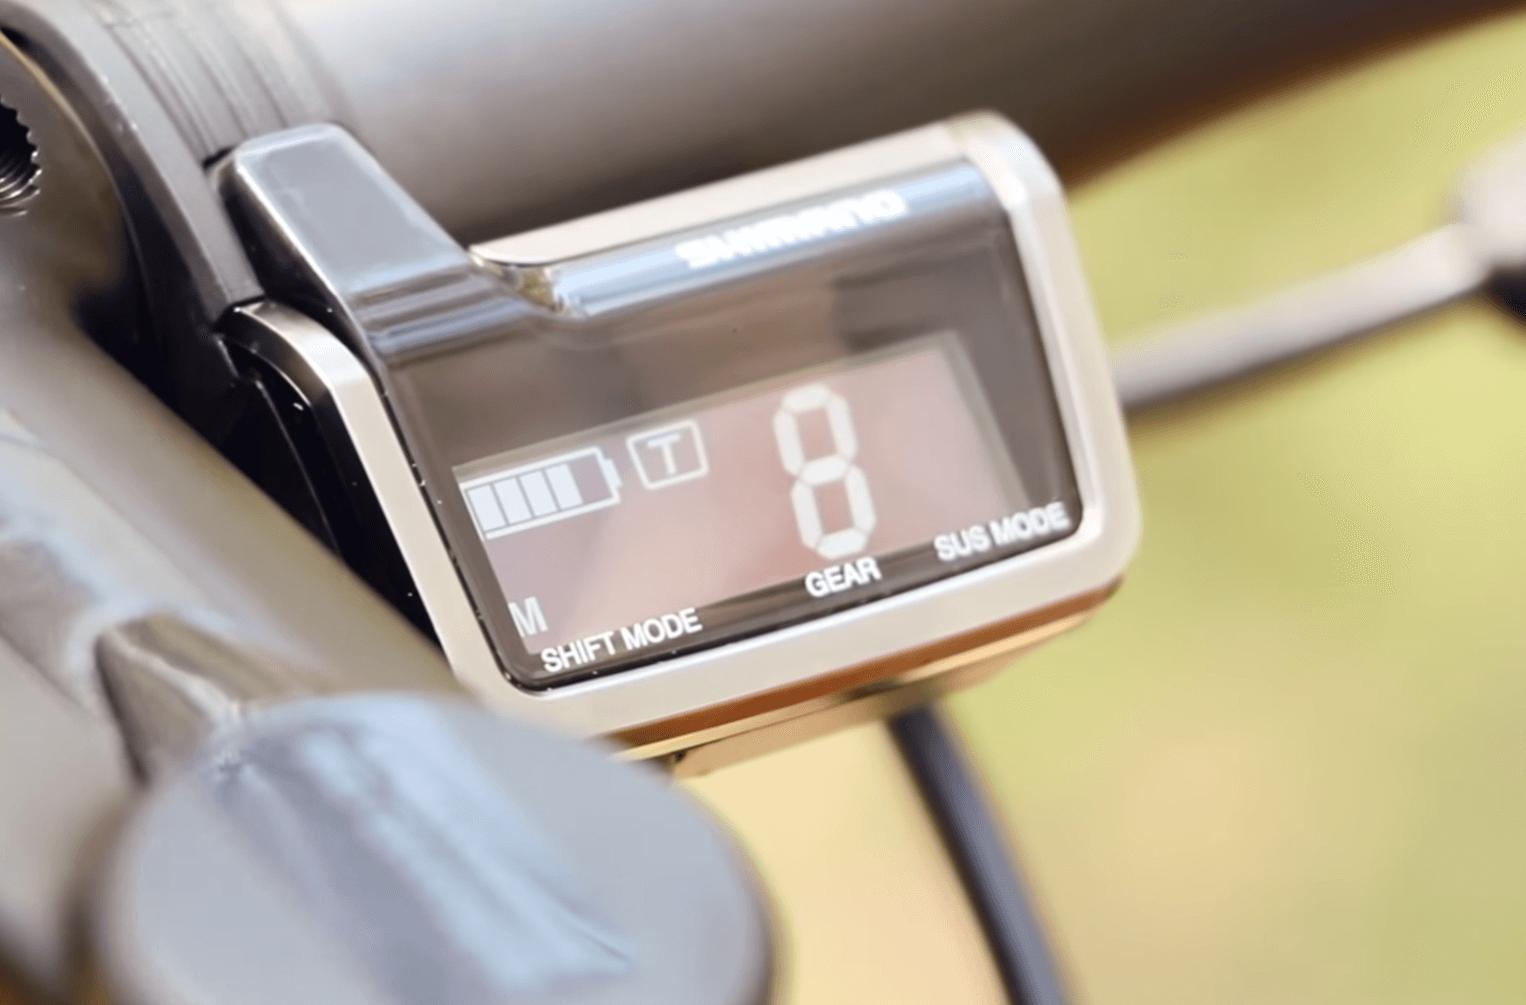 Shimano XTR Di2 електрически скороси за колело